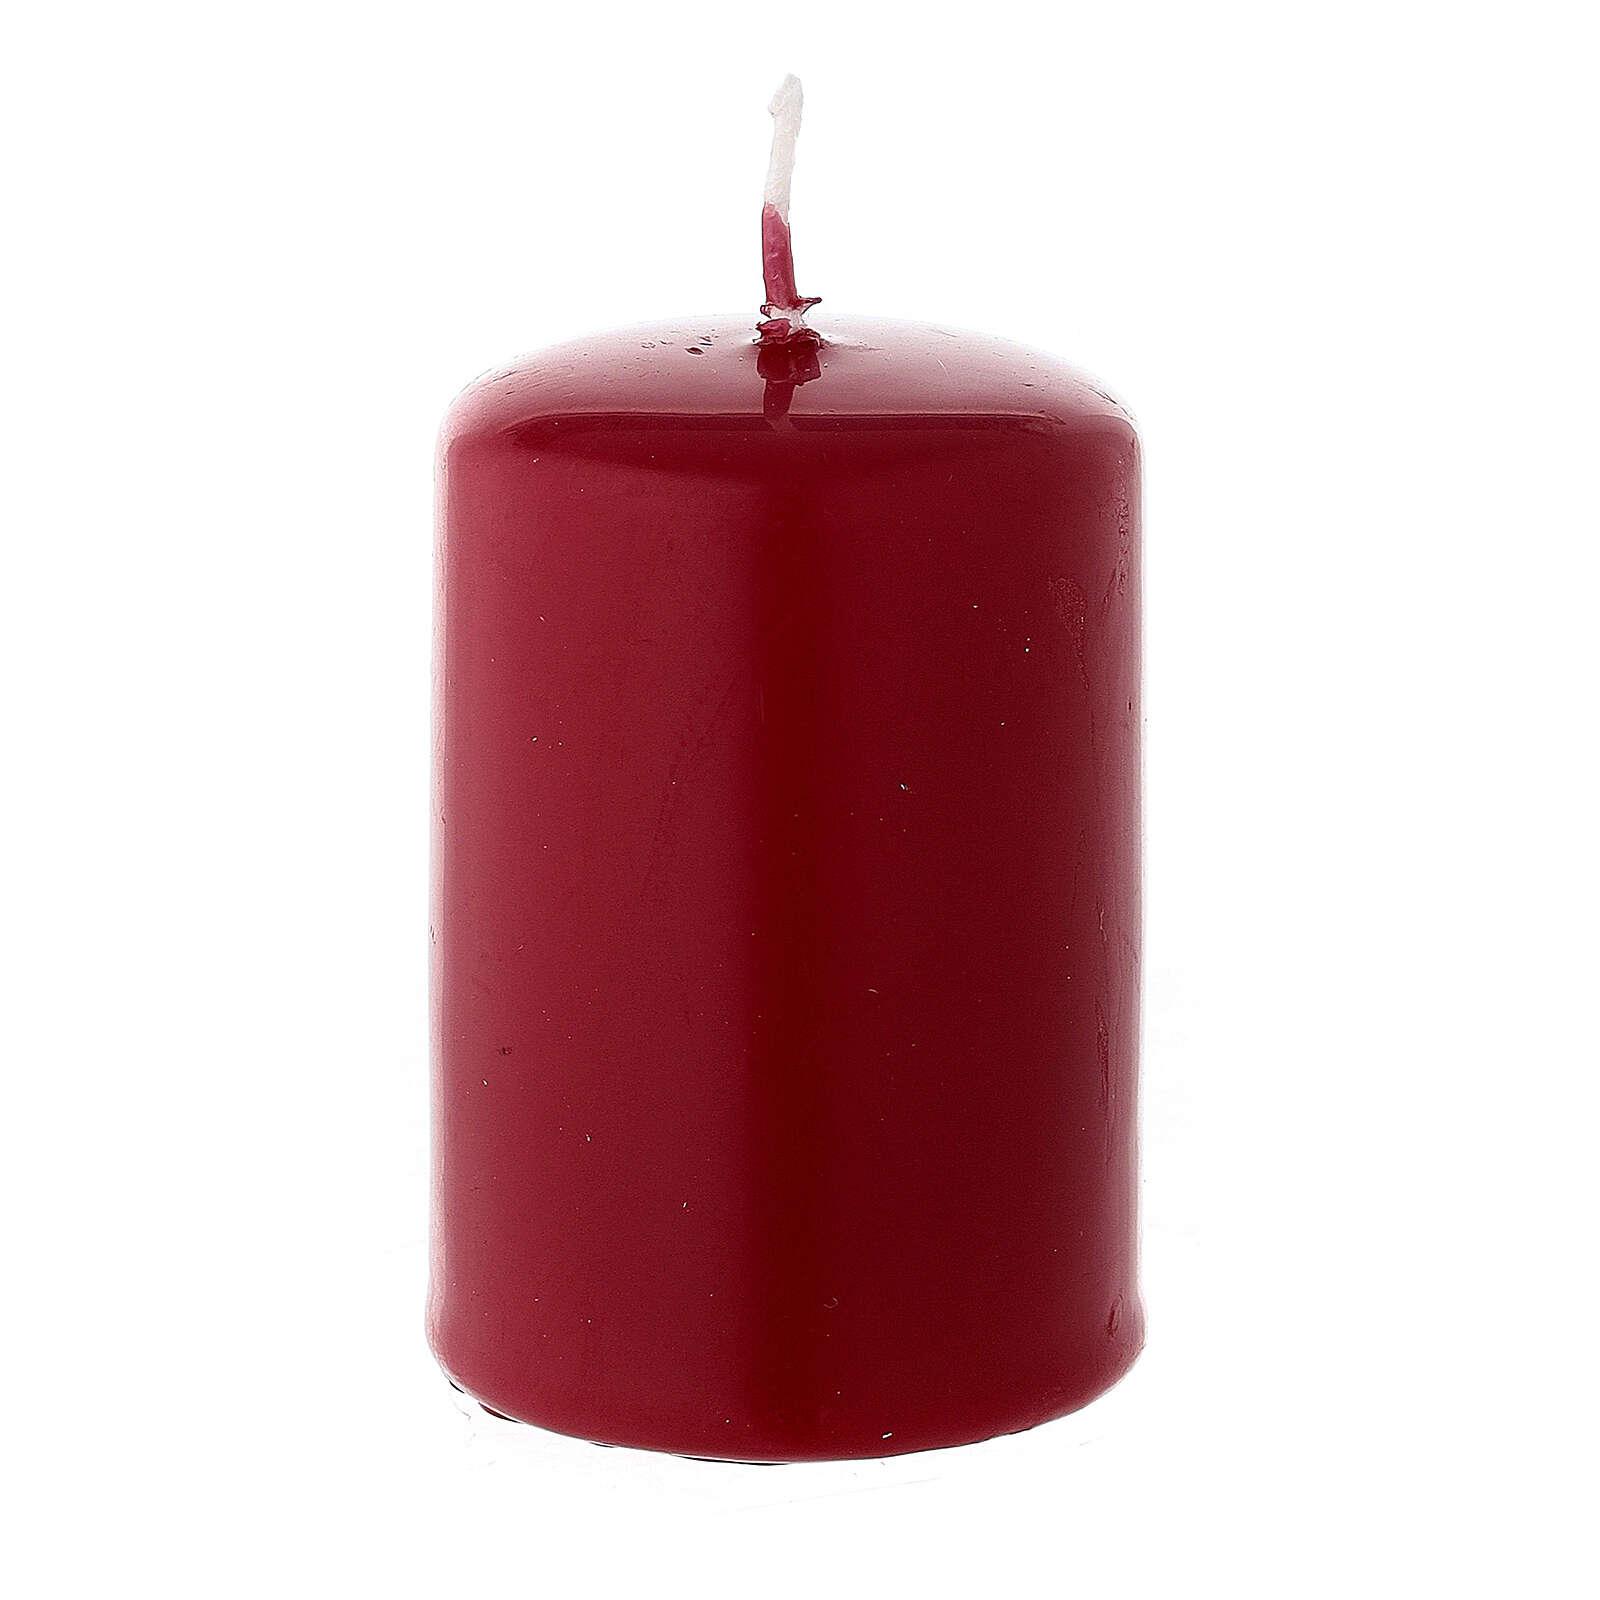 Rote Weihnachtskerze Siegelwachs Zylinderform, 60x40 mm 3